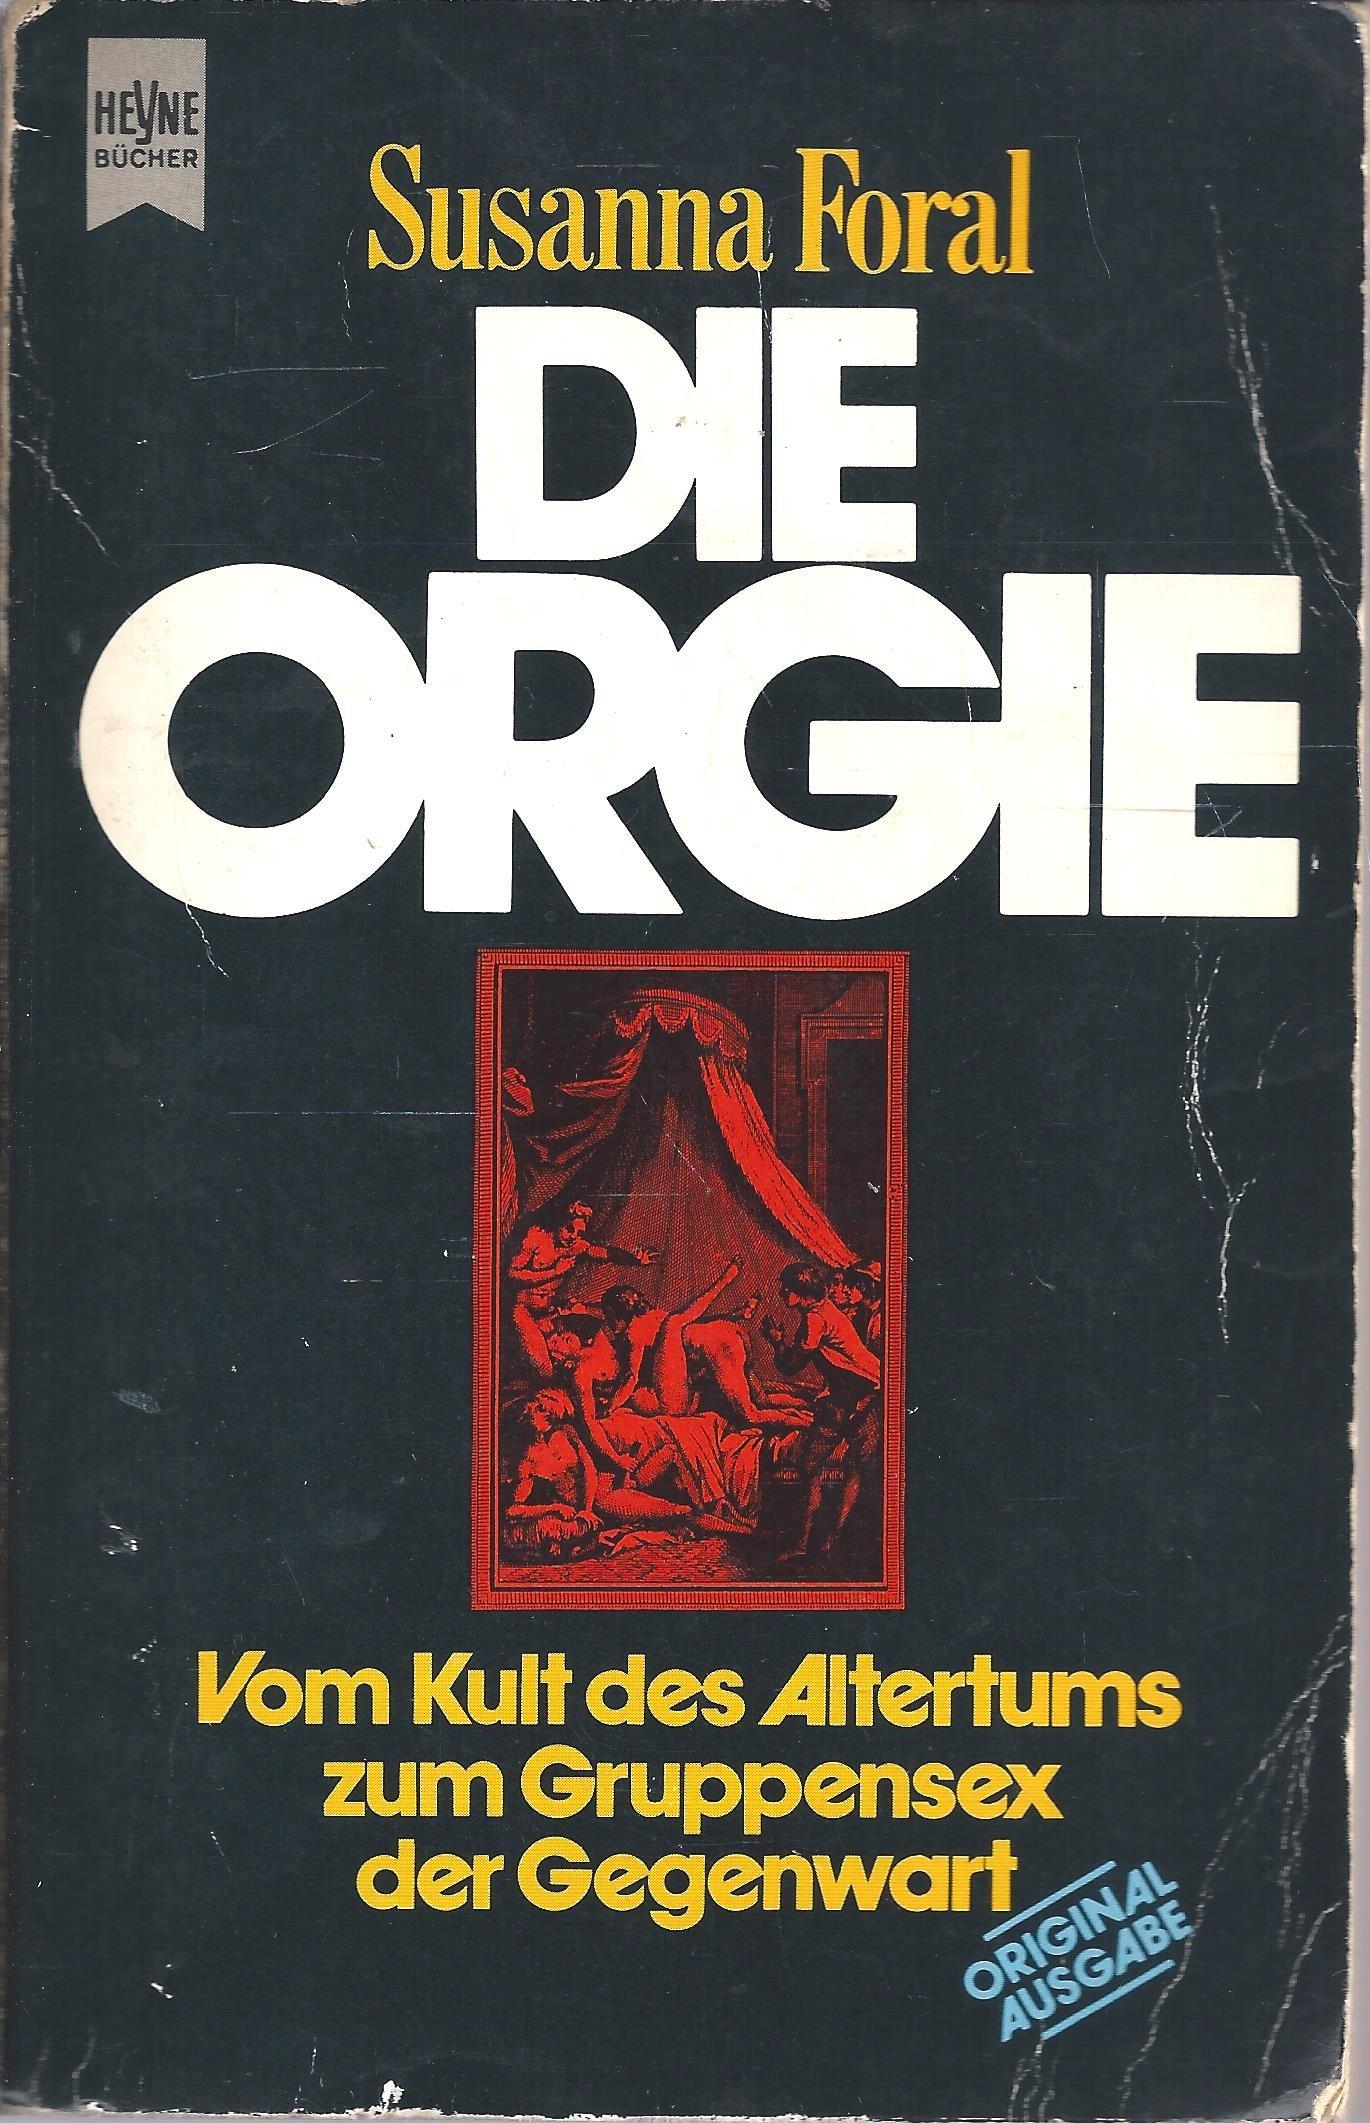 Kult orgier